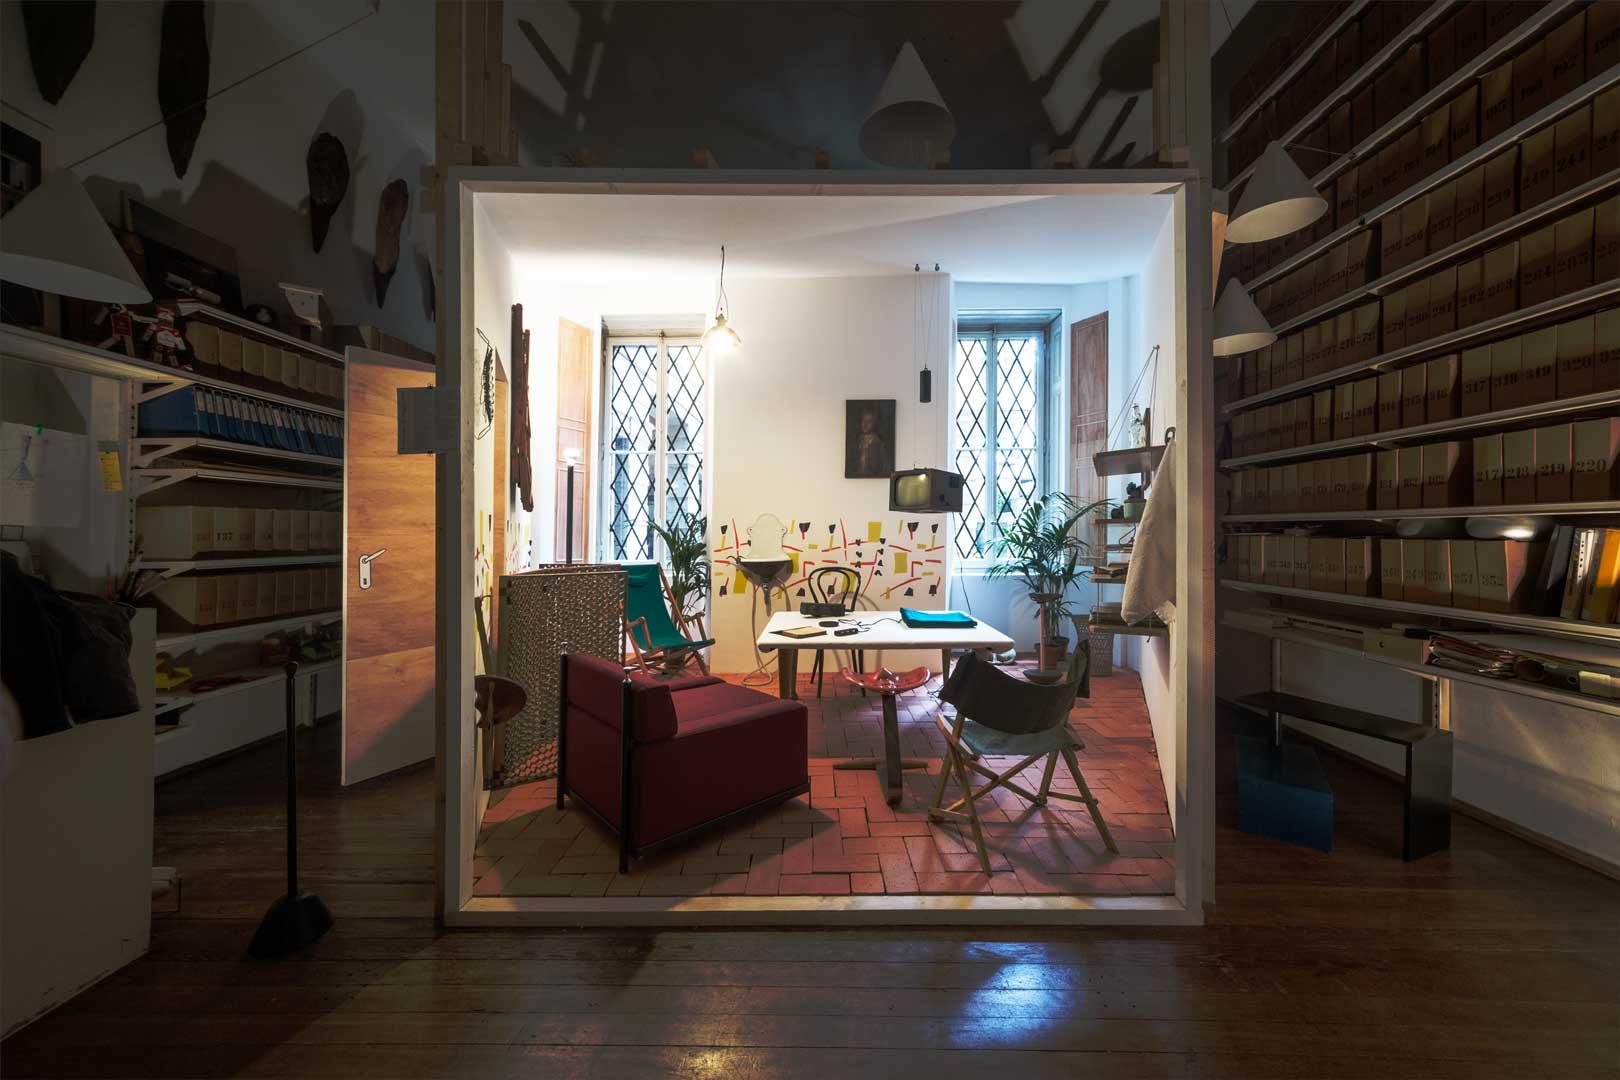 La Fondazione Achille Castiglioni A Milano : The achille castiglioni studio museum flawless milano